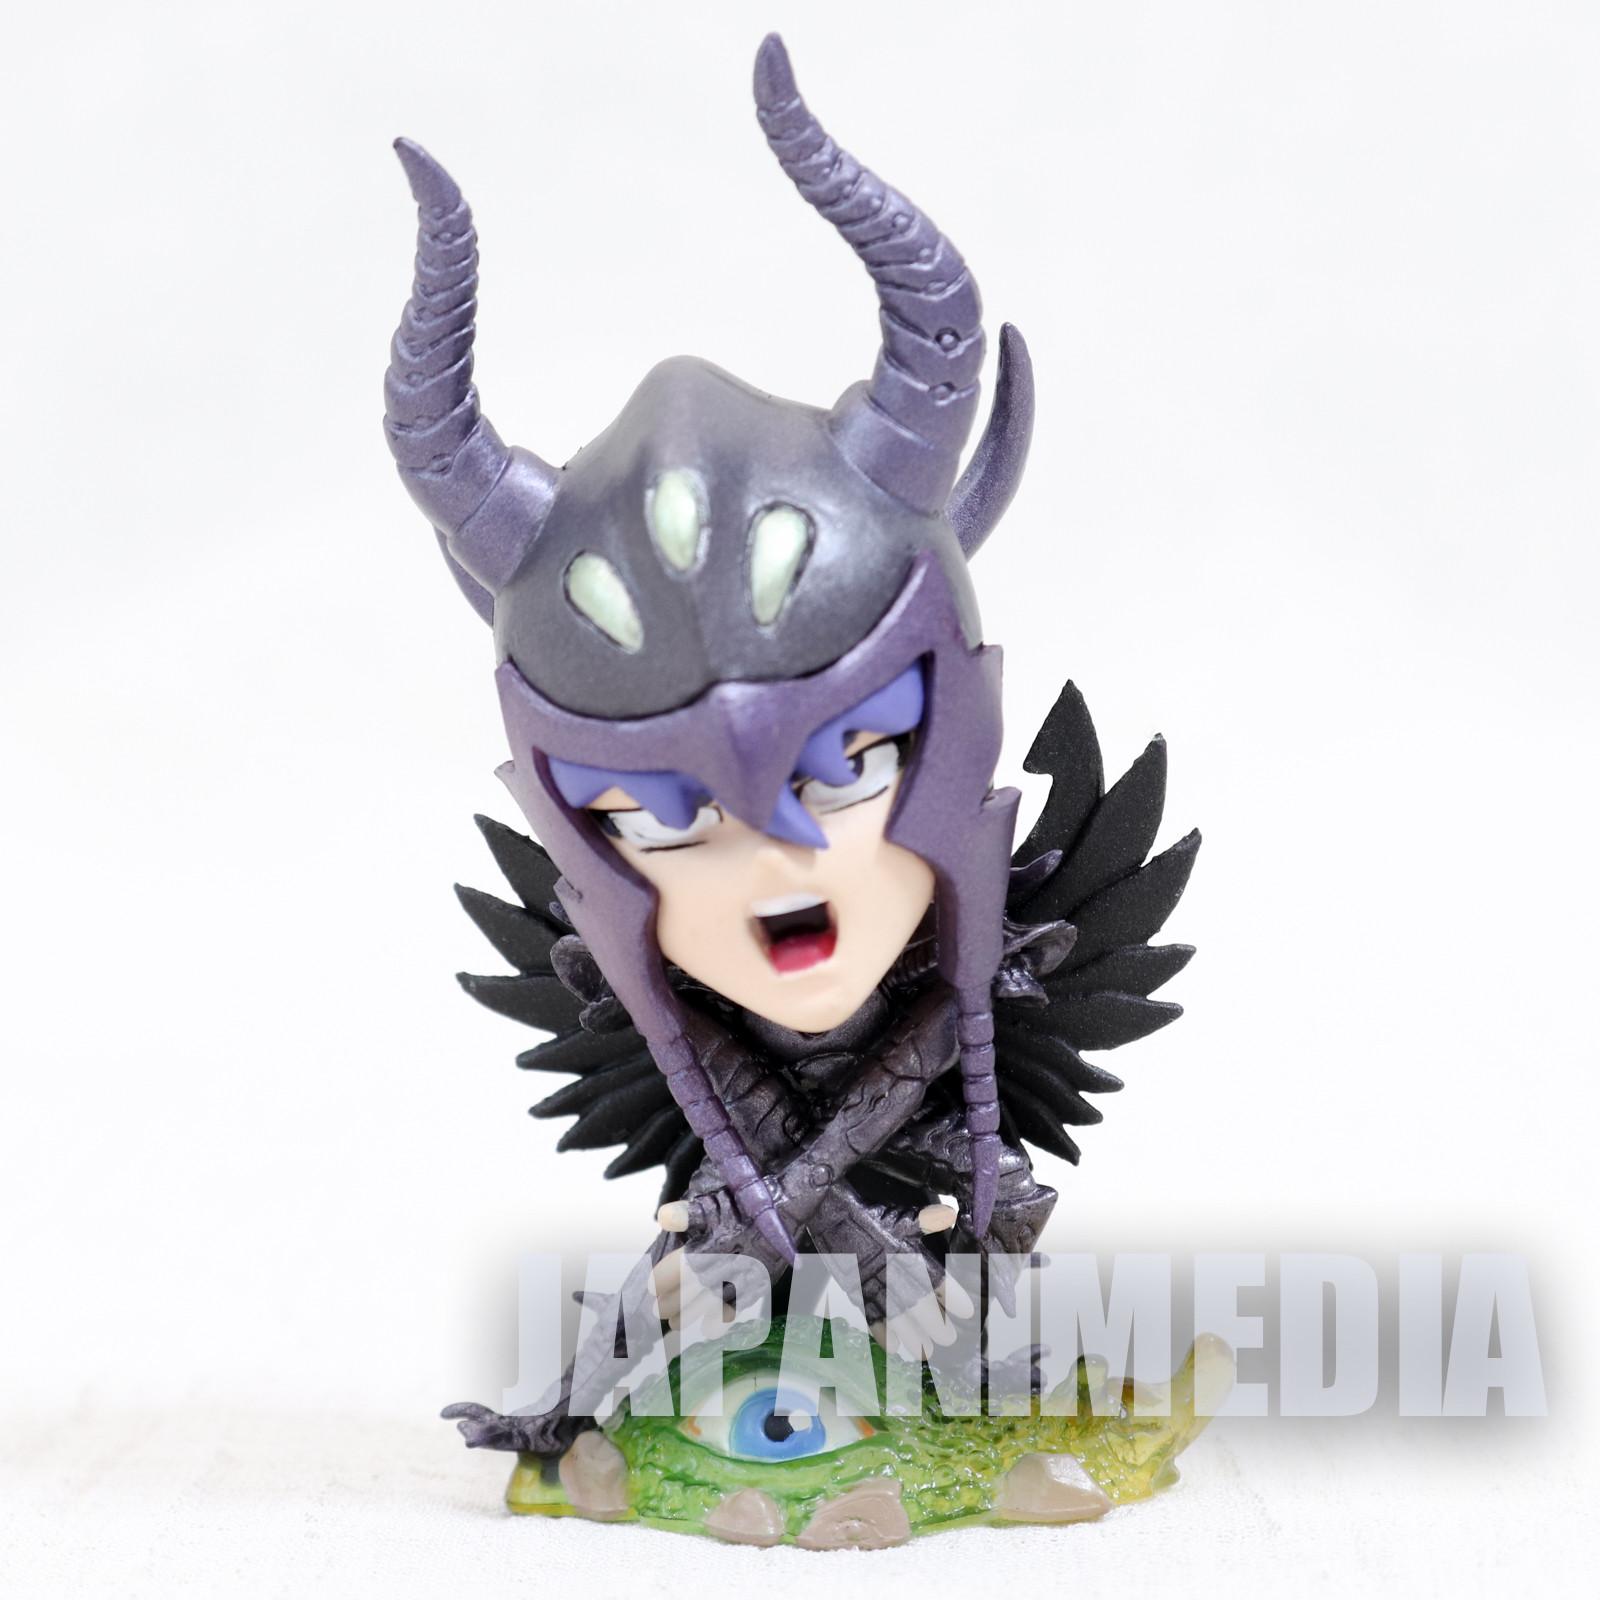 Saint Seiya Garuda Aiacos Mini Figure JAPAN ANIME MANGA